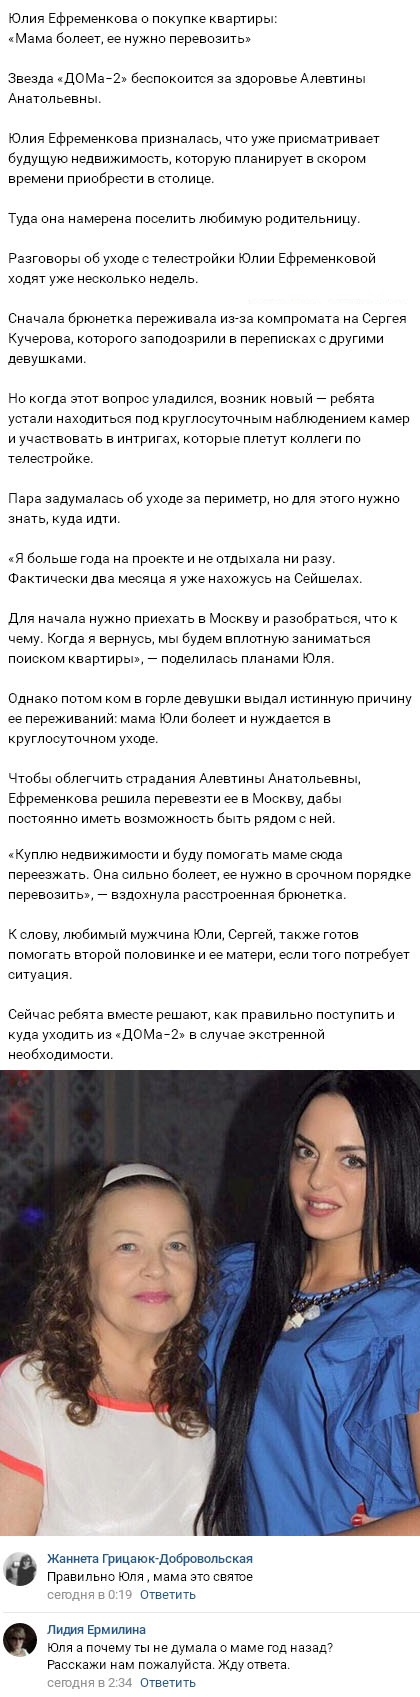 Юлия Ефременкова в срочном порядке покинула Остров Любви